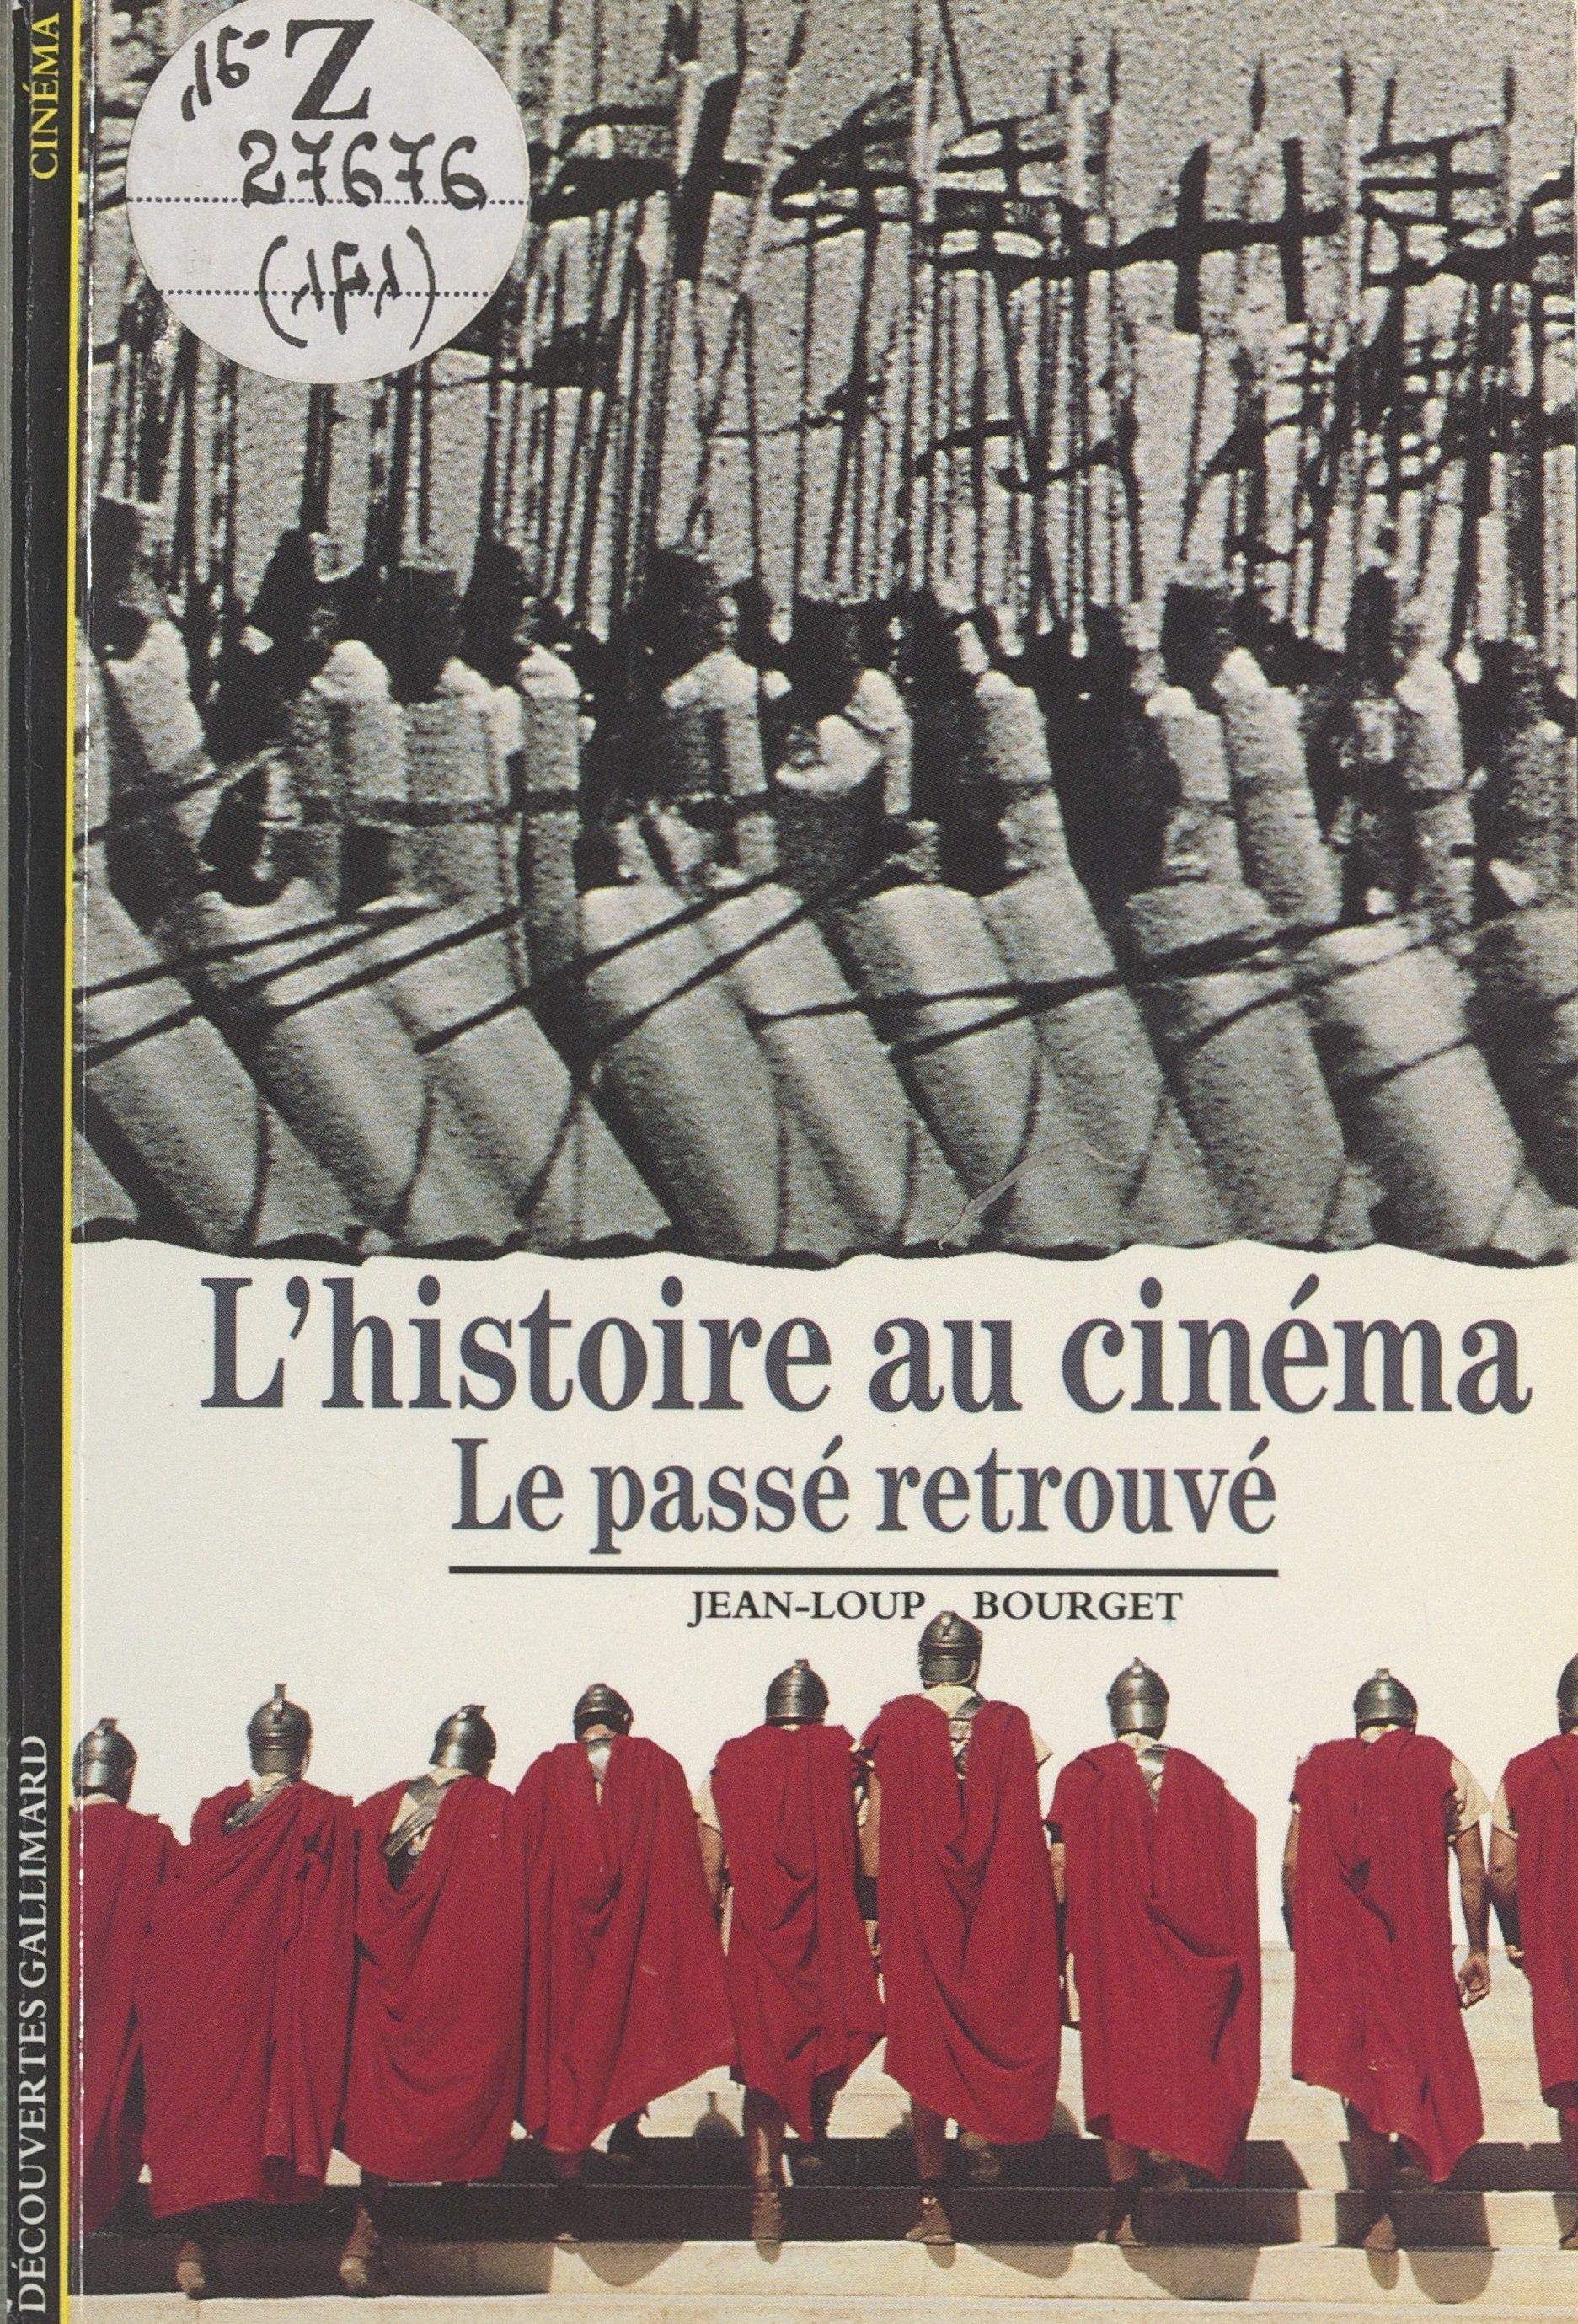 L'histoire au cinéma